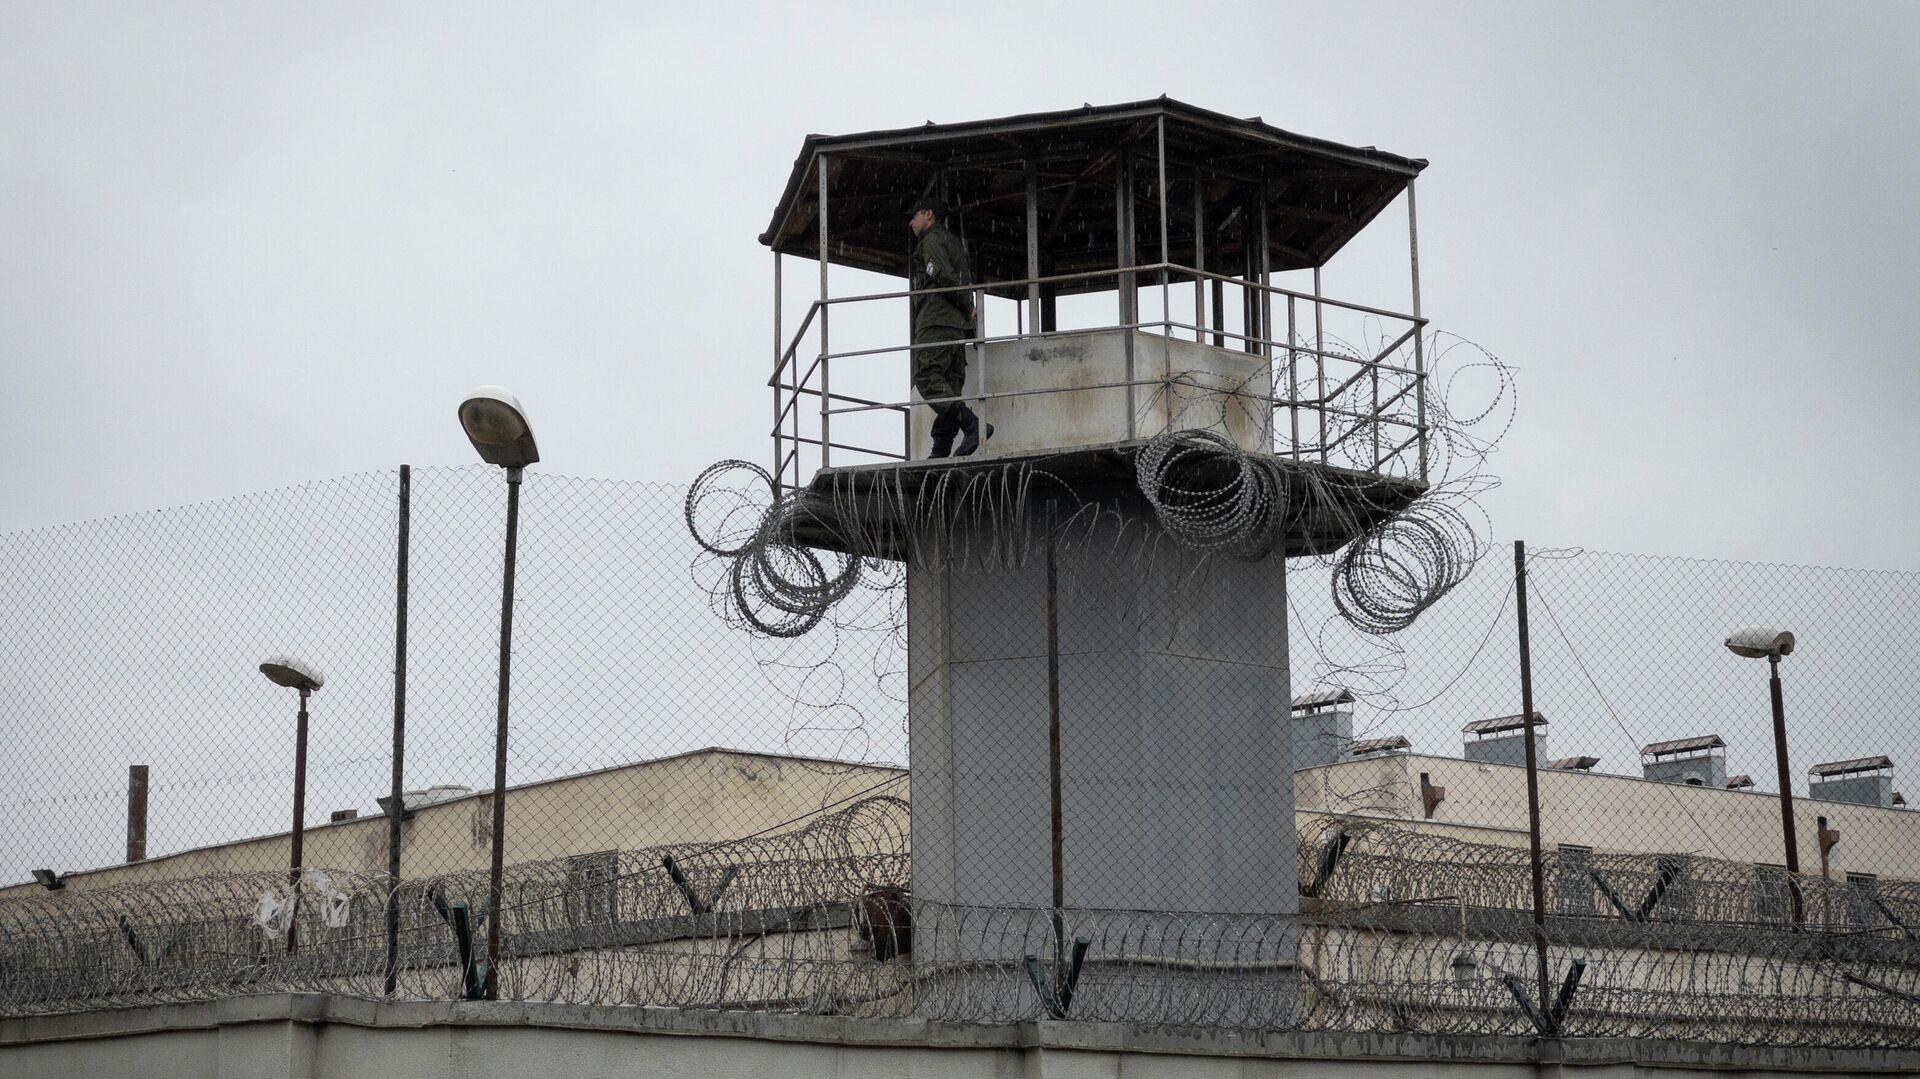 Тюрьма, где содержится бывший президент Грузии Михаил Саакашвили - РИА Новости, 1920, 14.10.2021